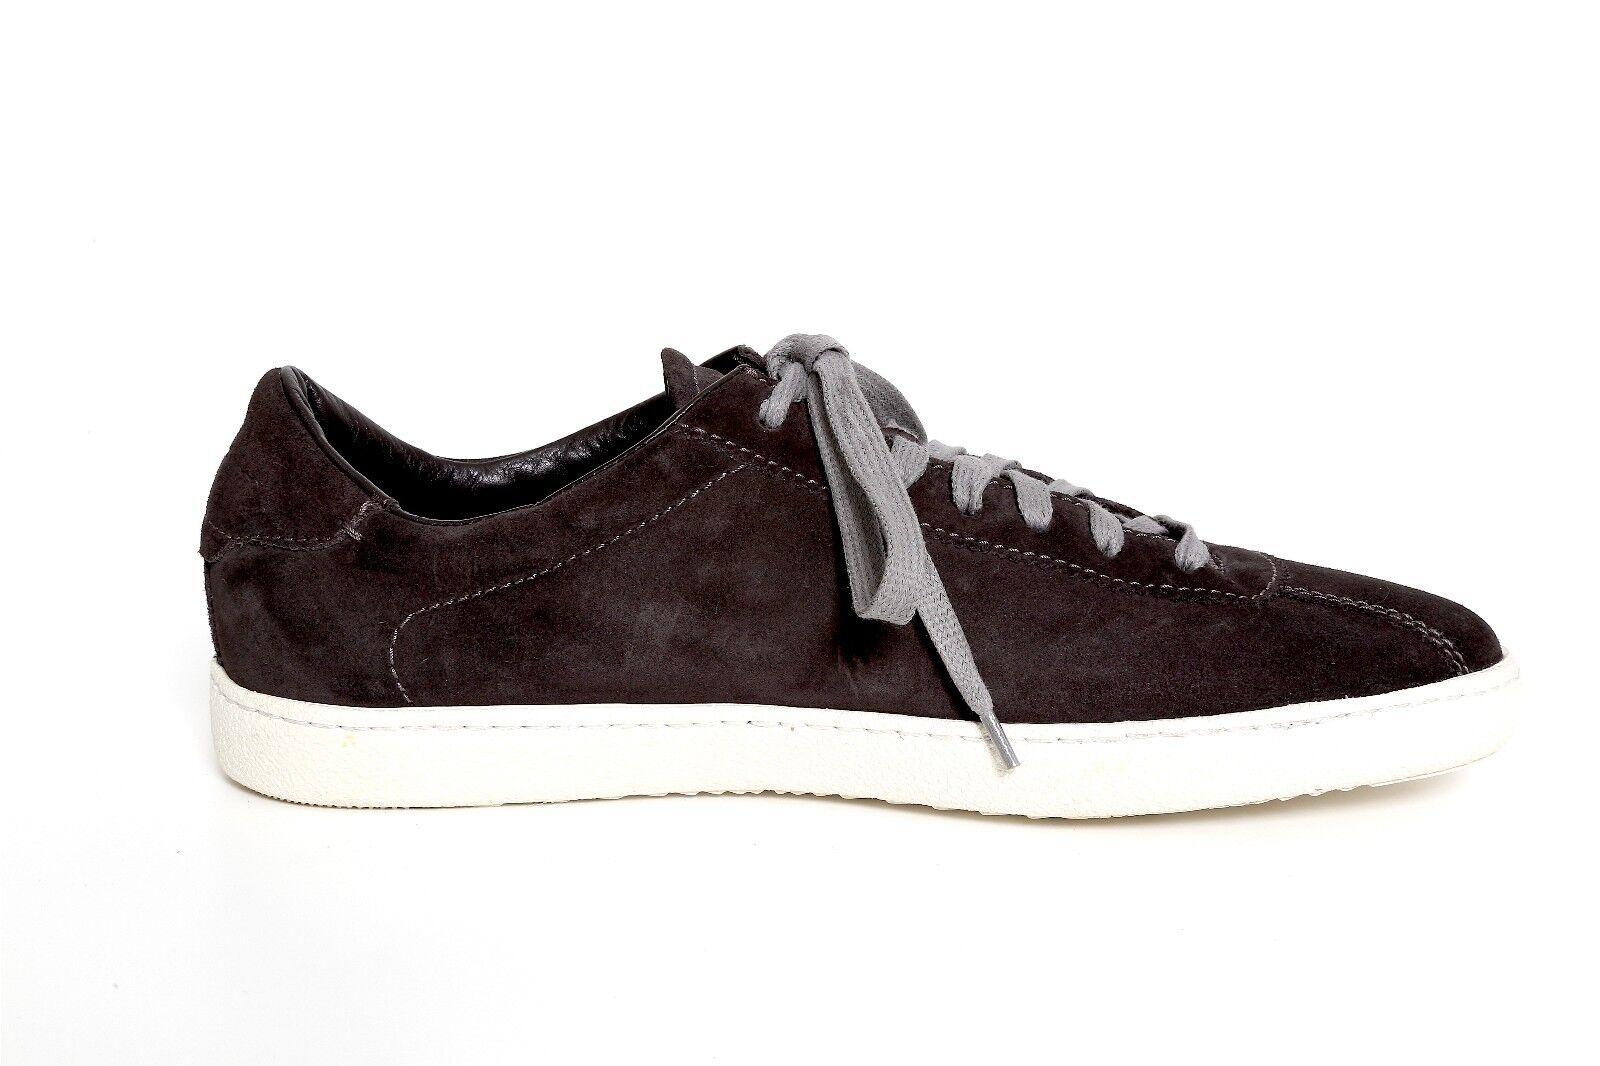 Santoni Men's Suede Lace Up Sneakers 1949 Size 8D